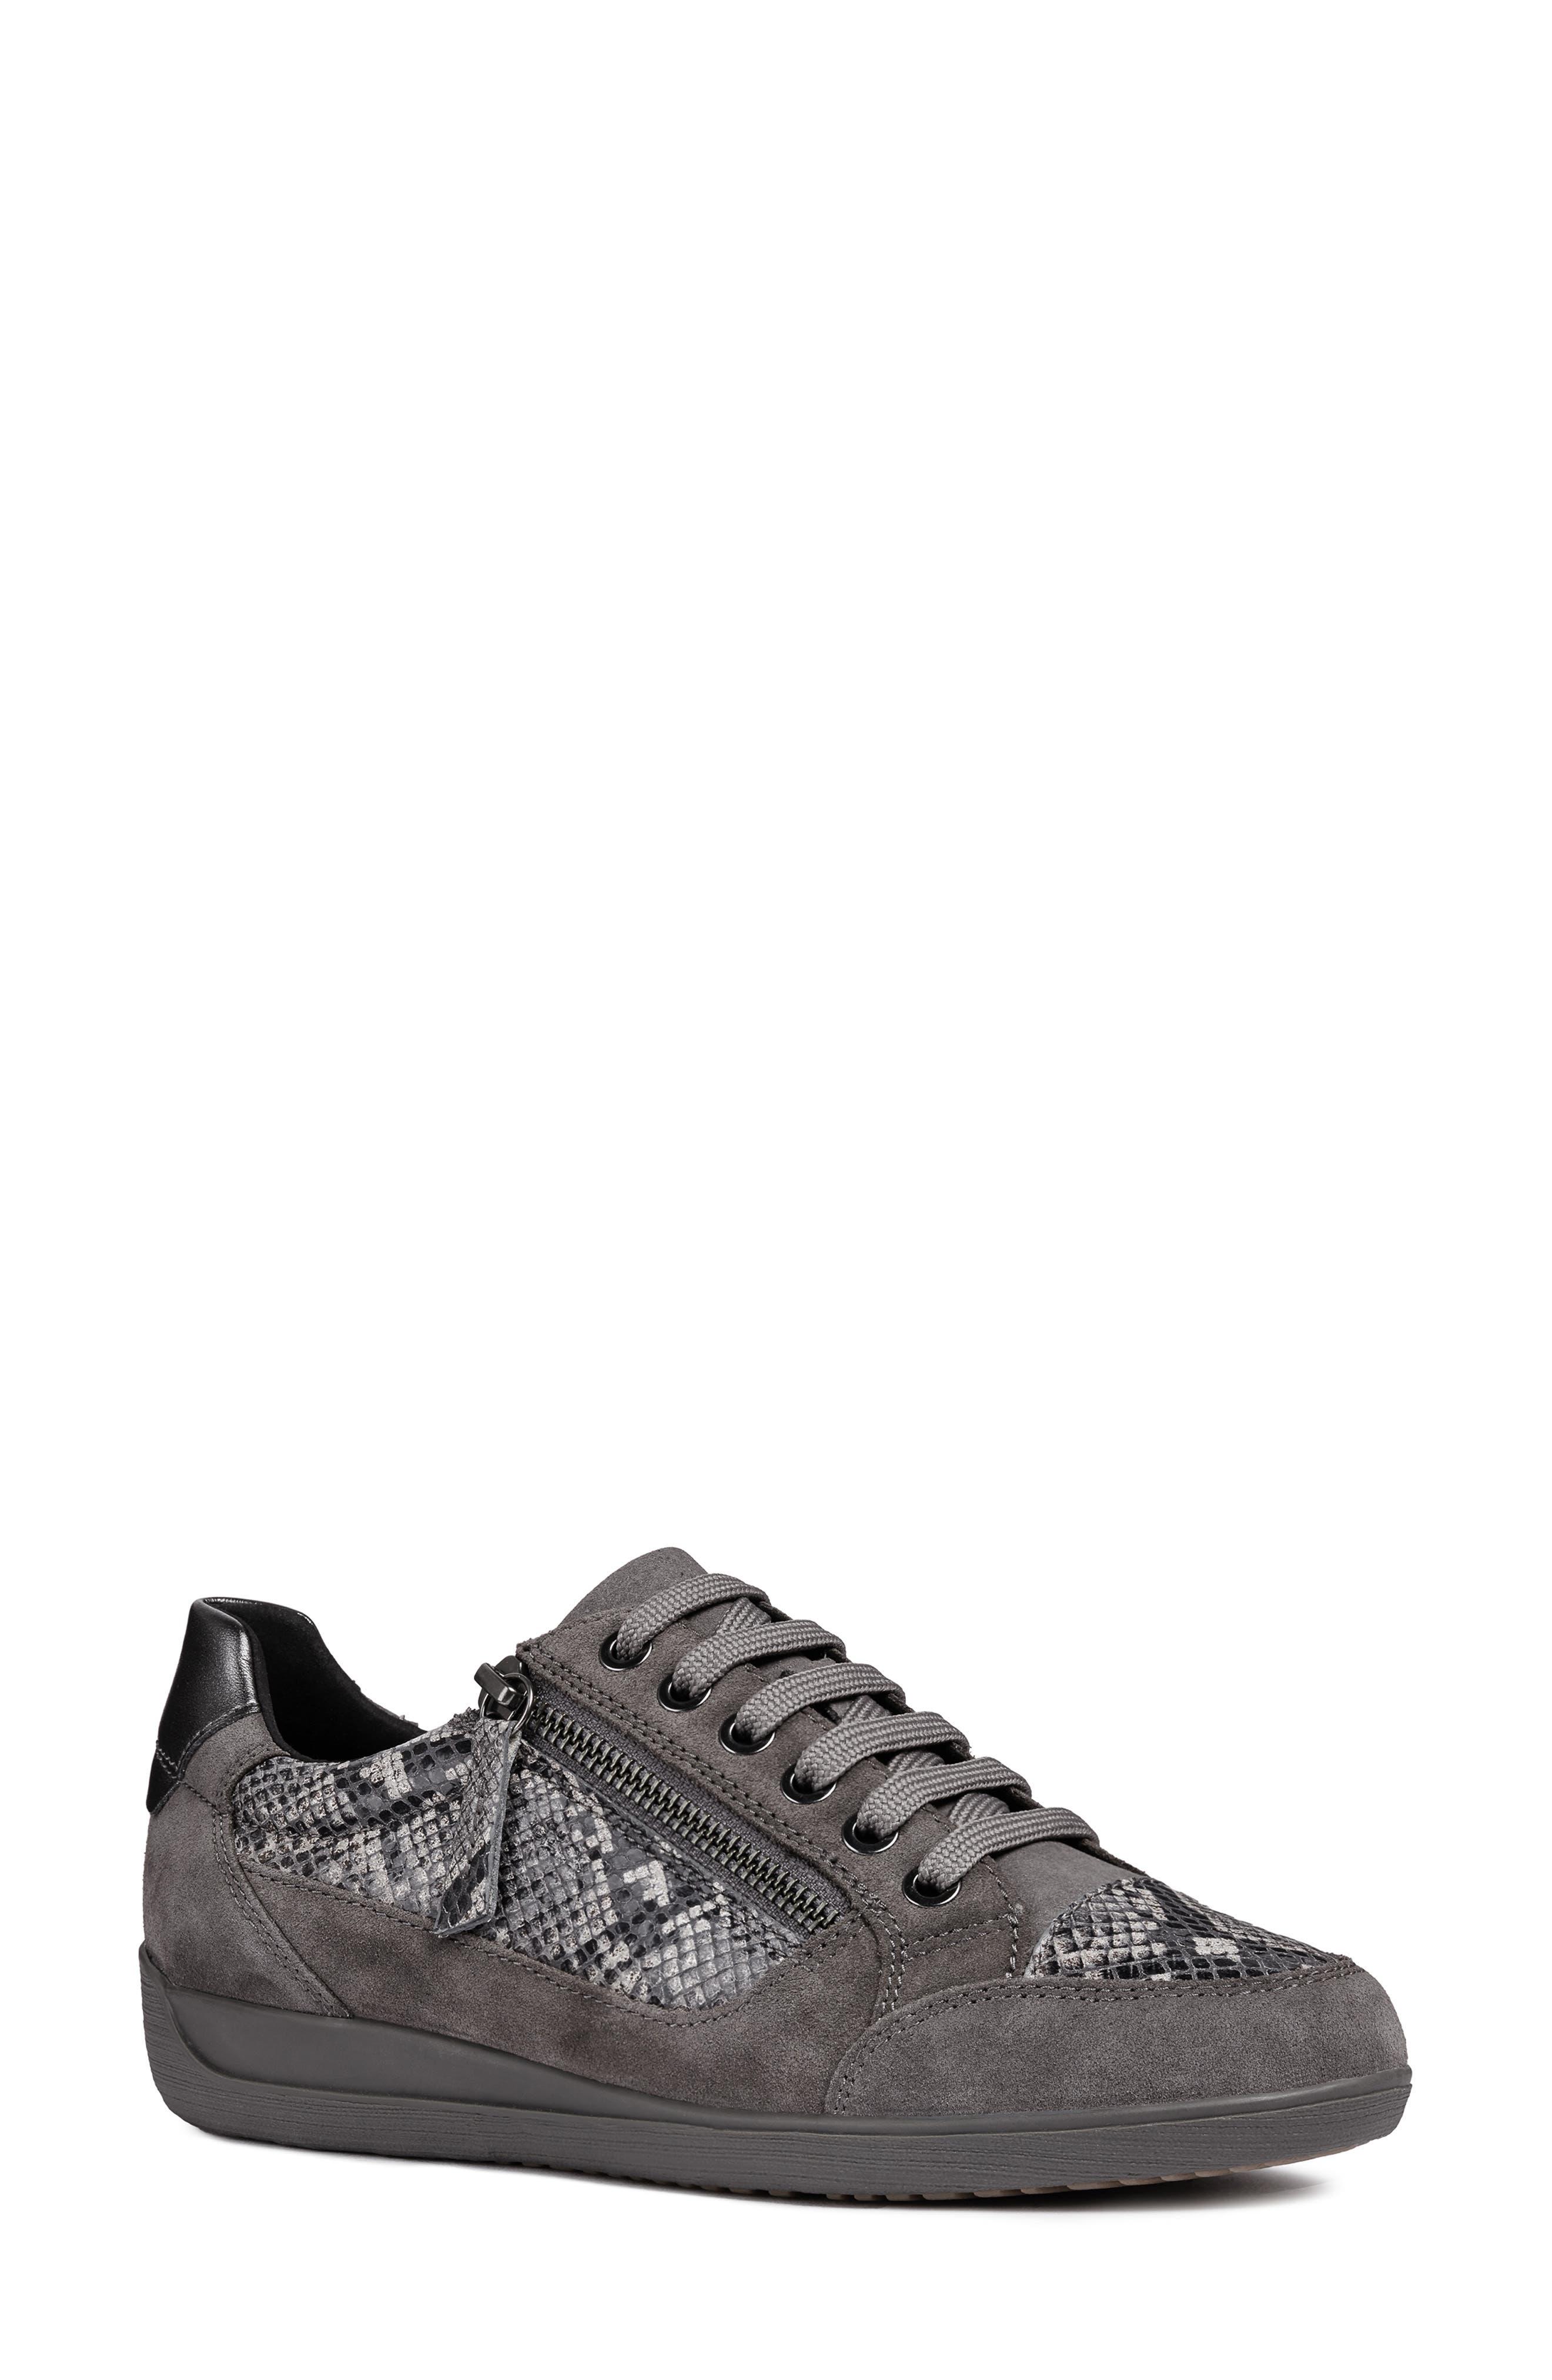 Myria Sneaker,                         Main,                         color, DARK GREY SUEDE